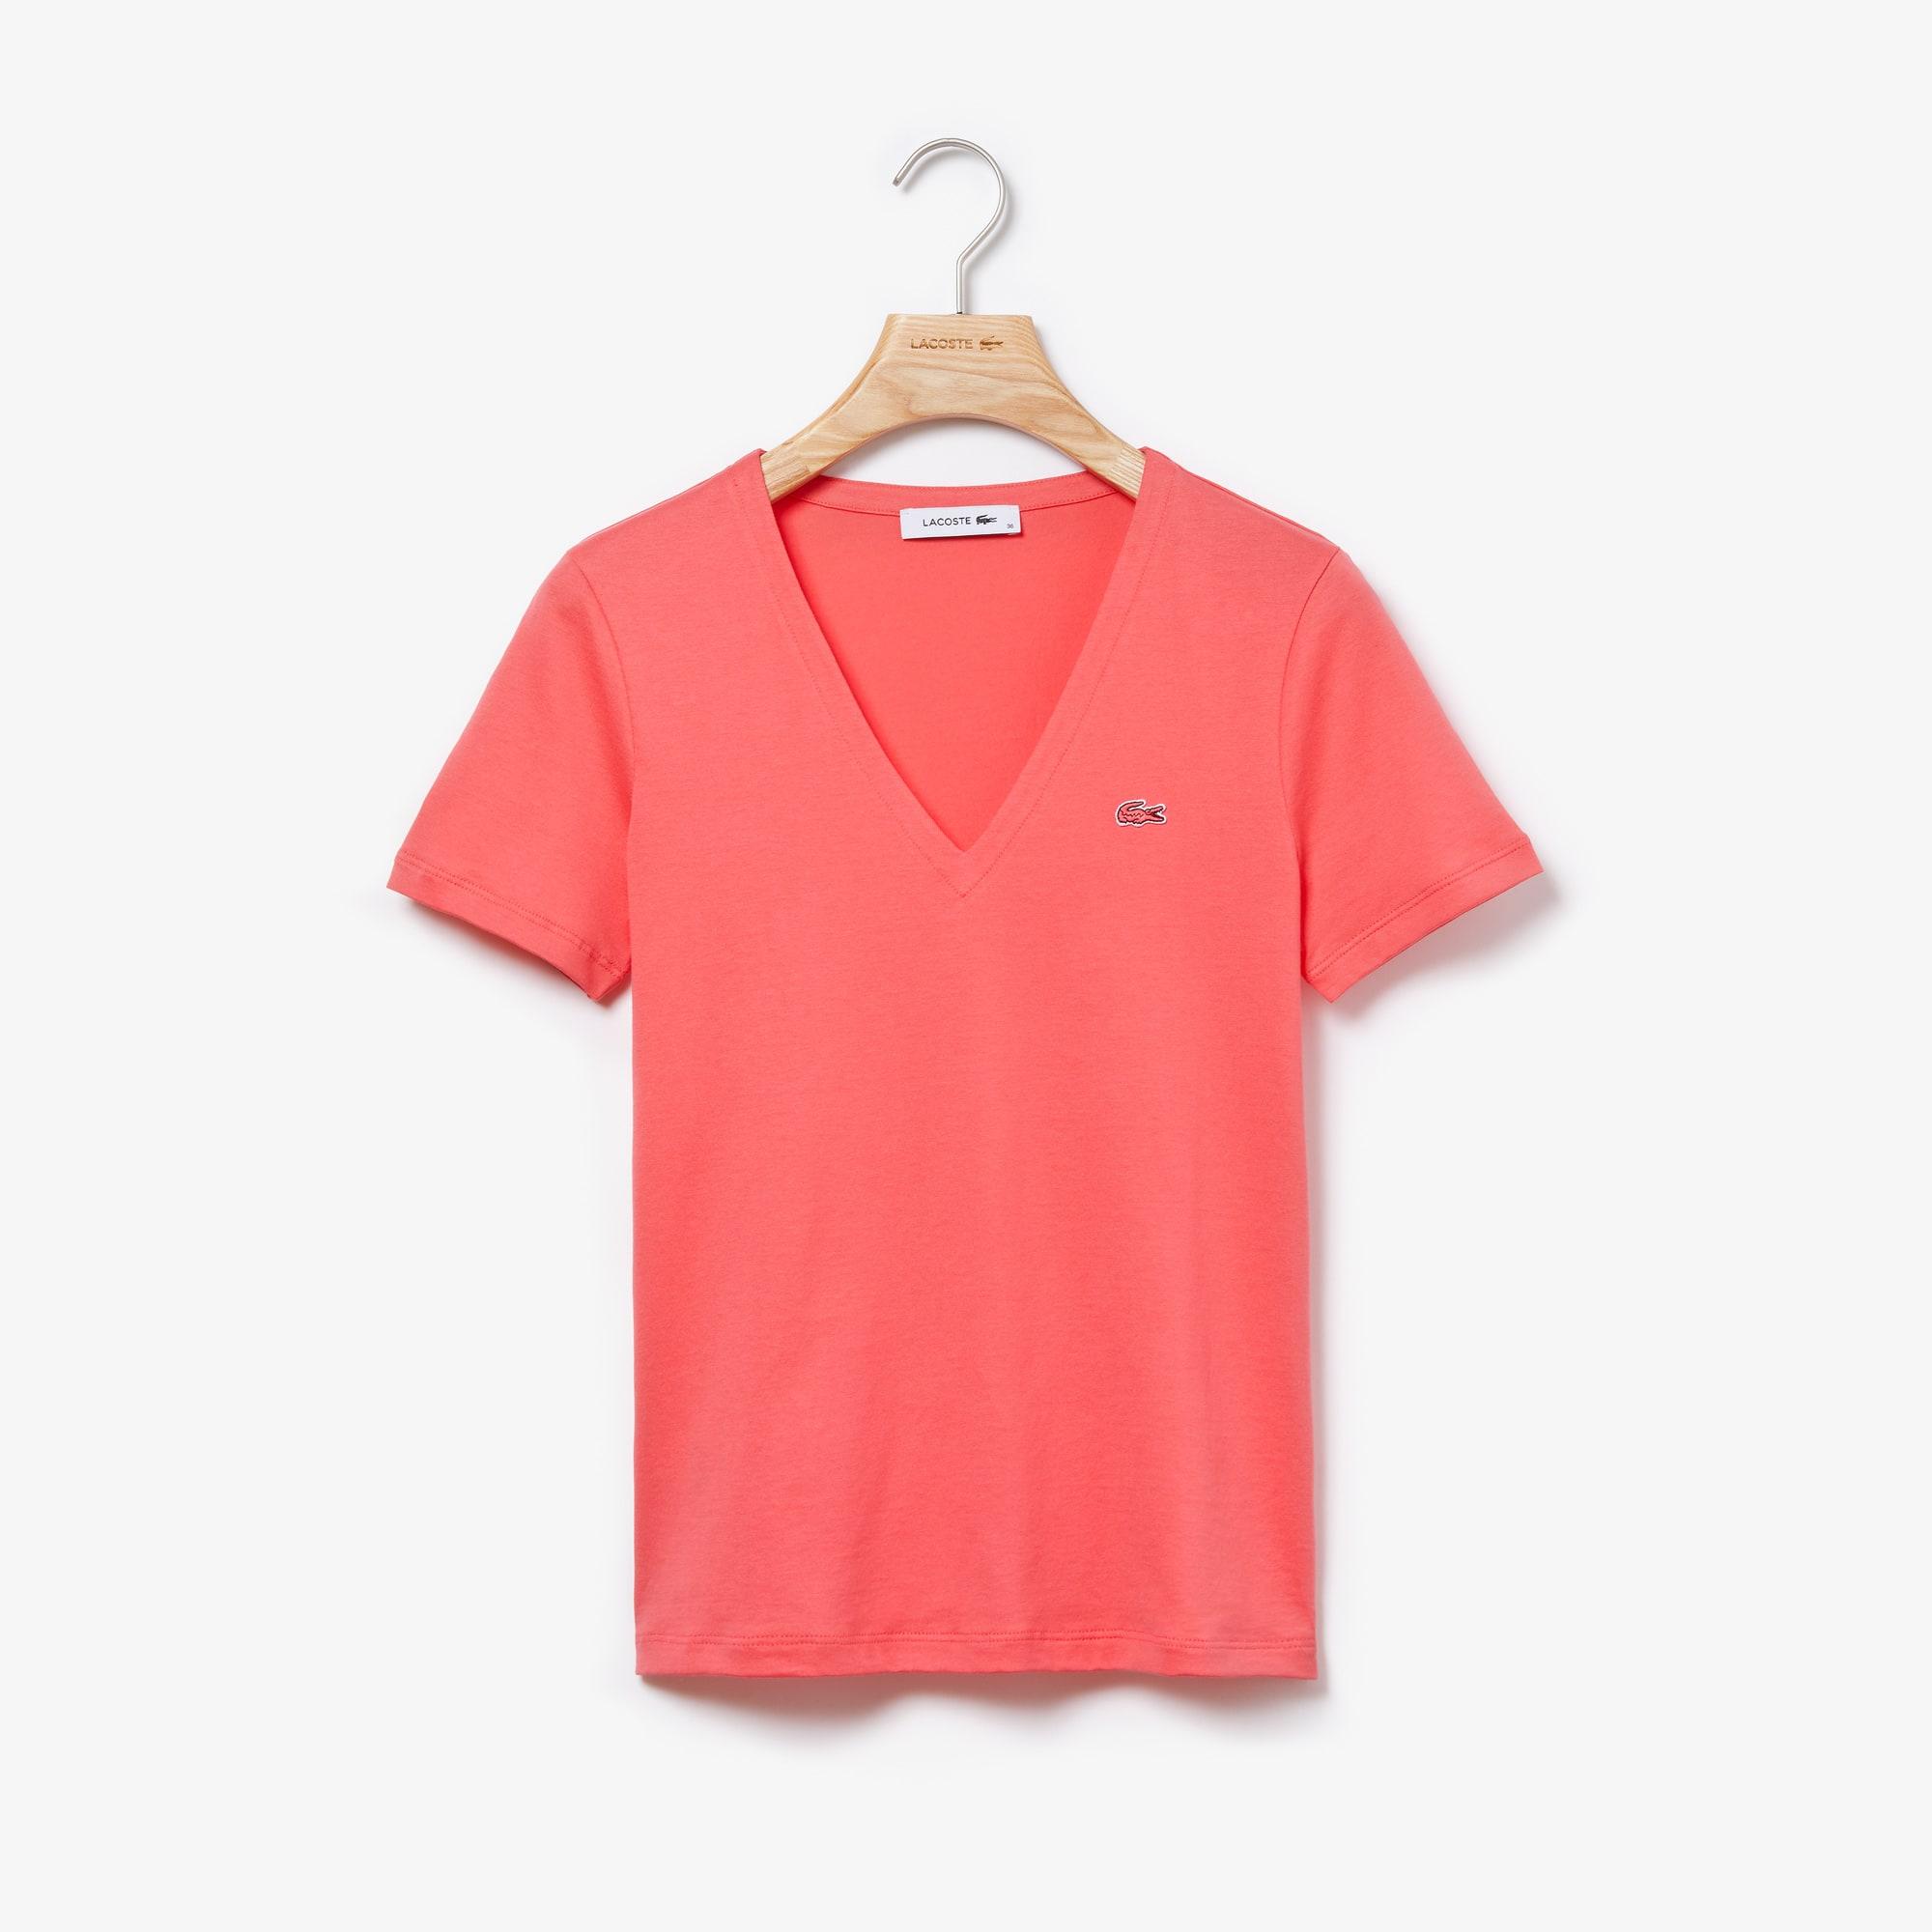 21c6d3011580 Women's Slim Fit V-Neck Cotton Jersey T-shirt | LACOSTE